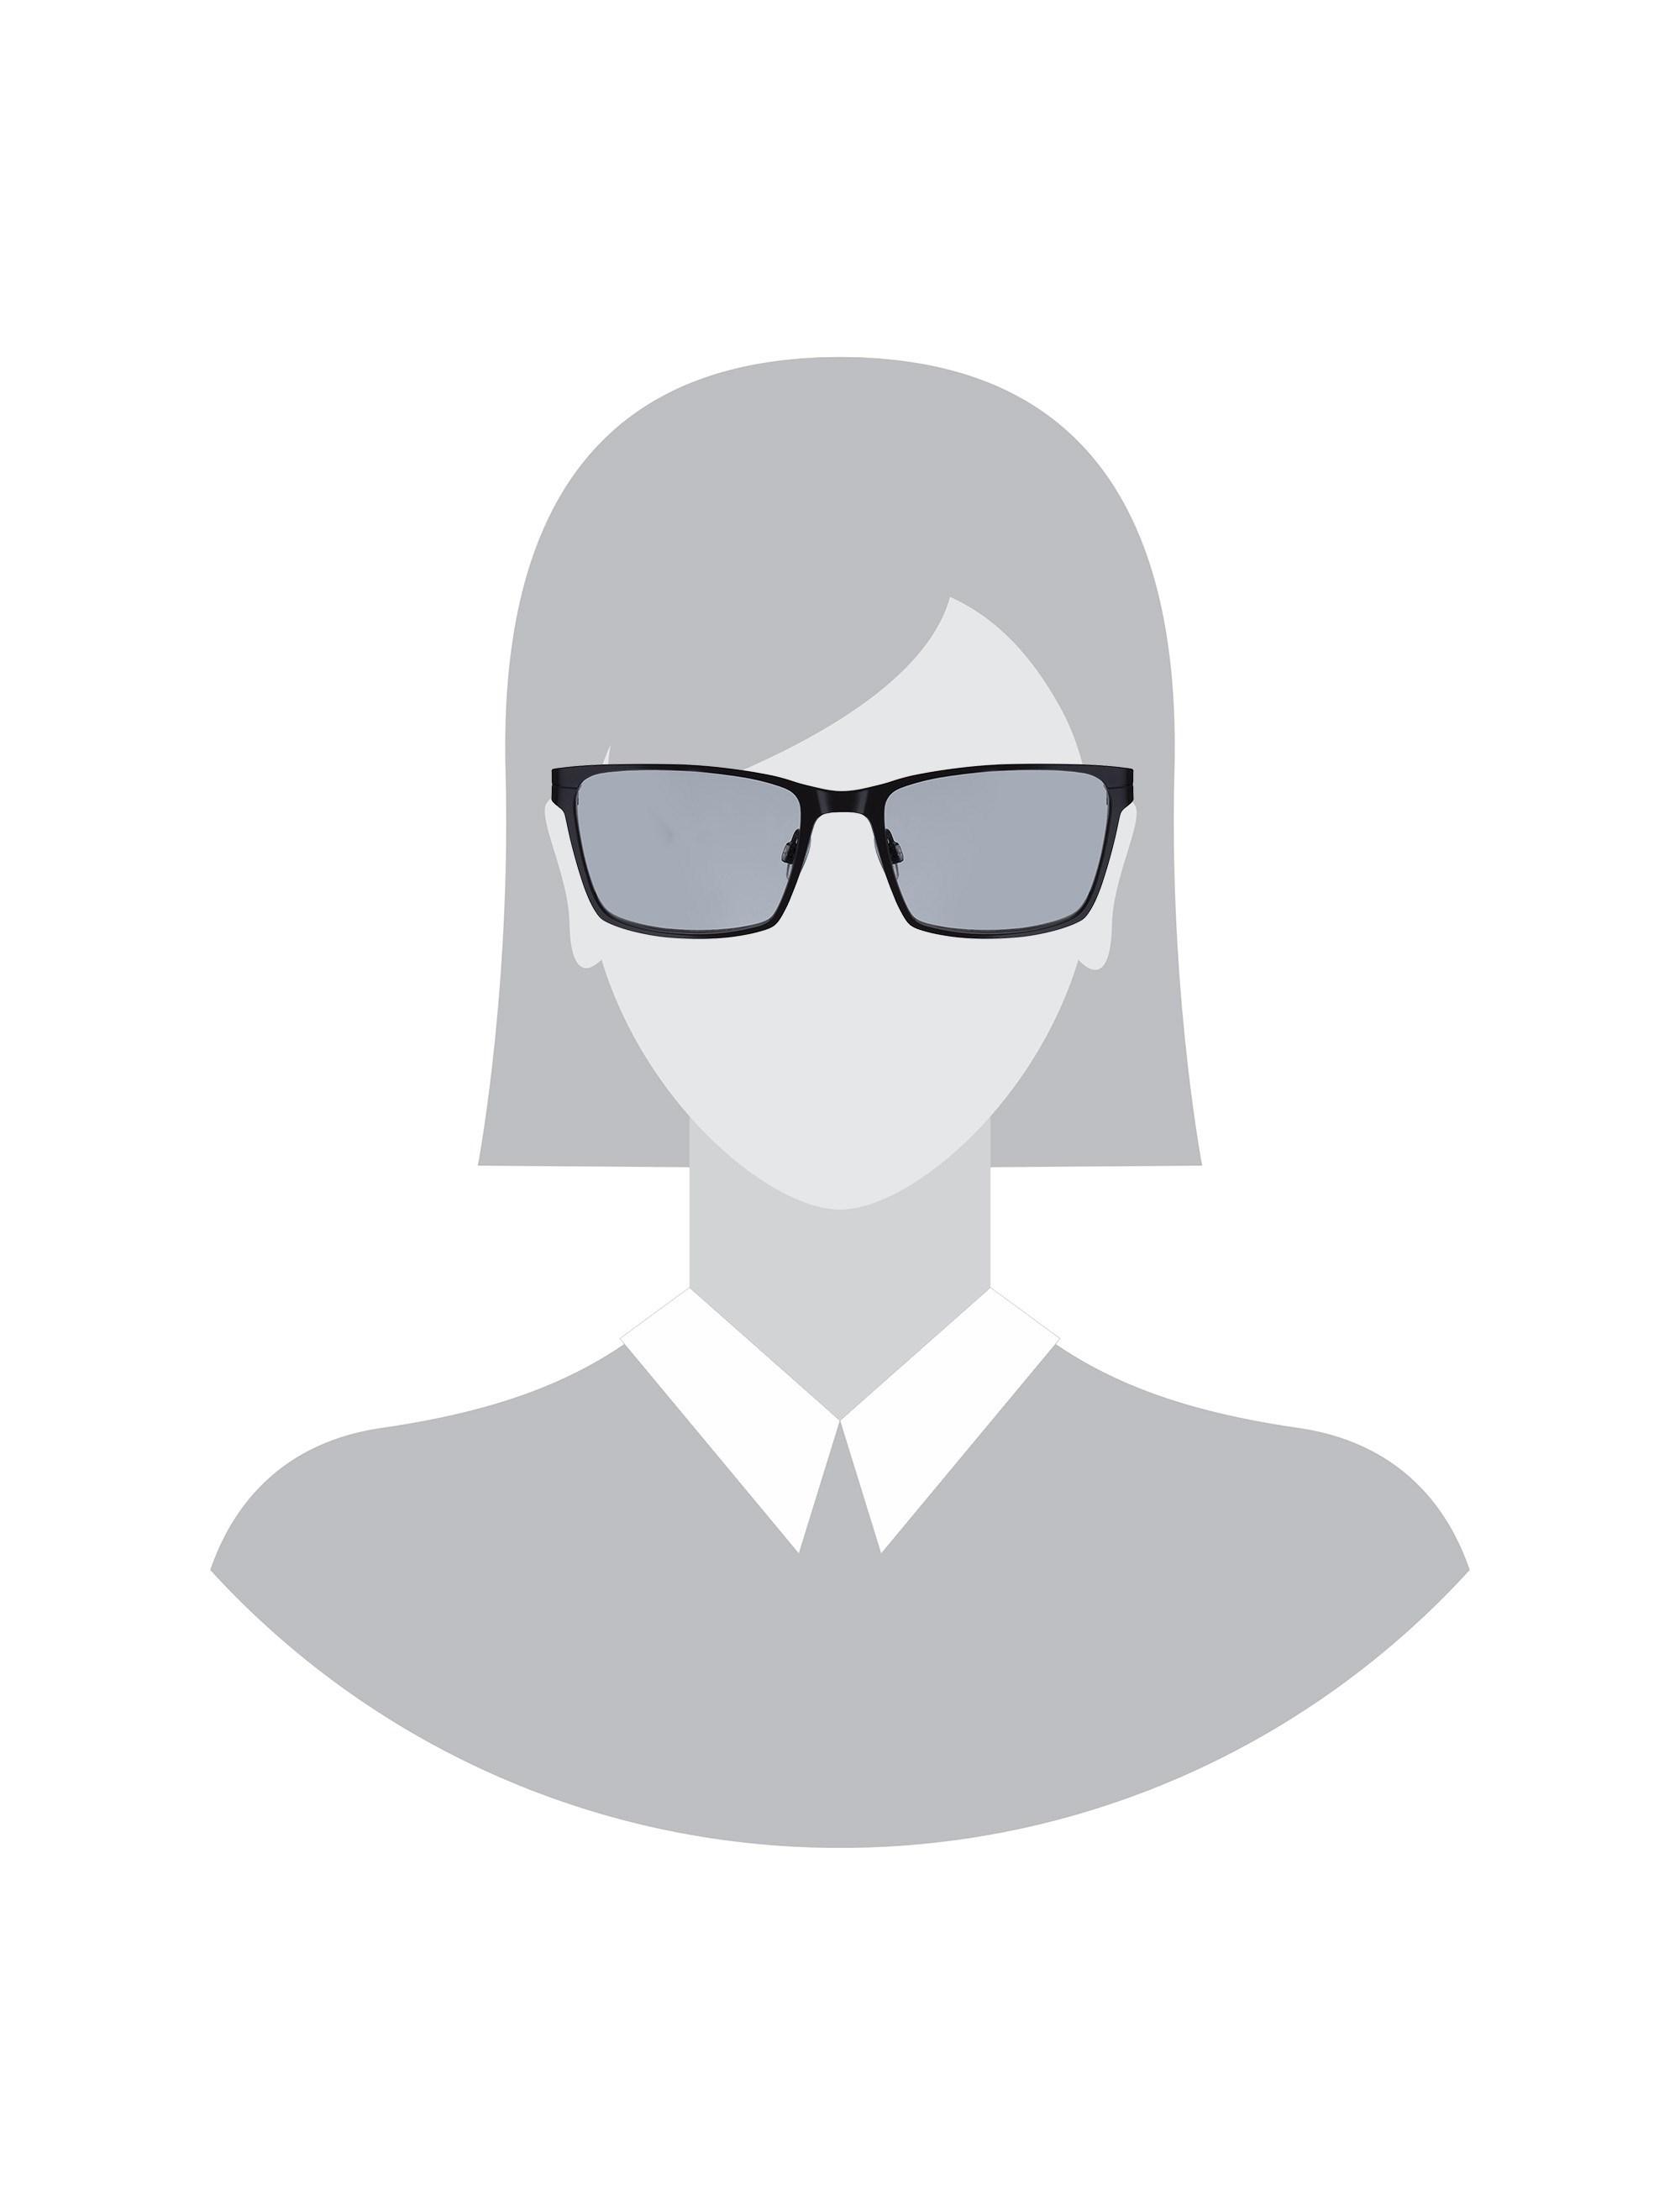 عینک طبی ویفرر PJ1256 - مشکي - 5